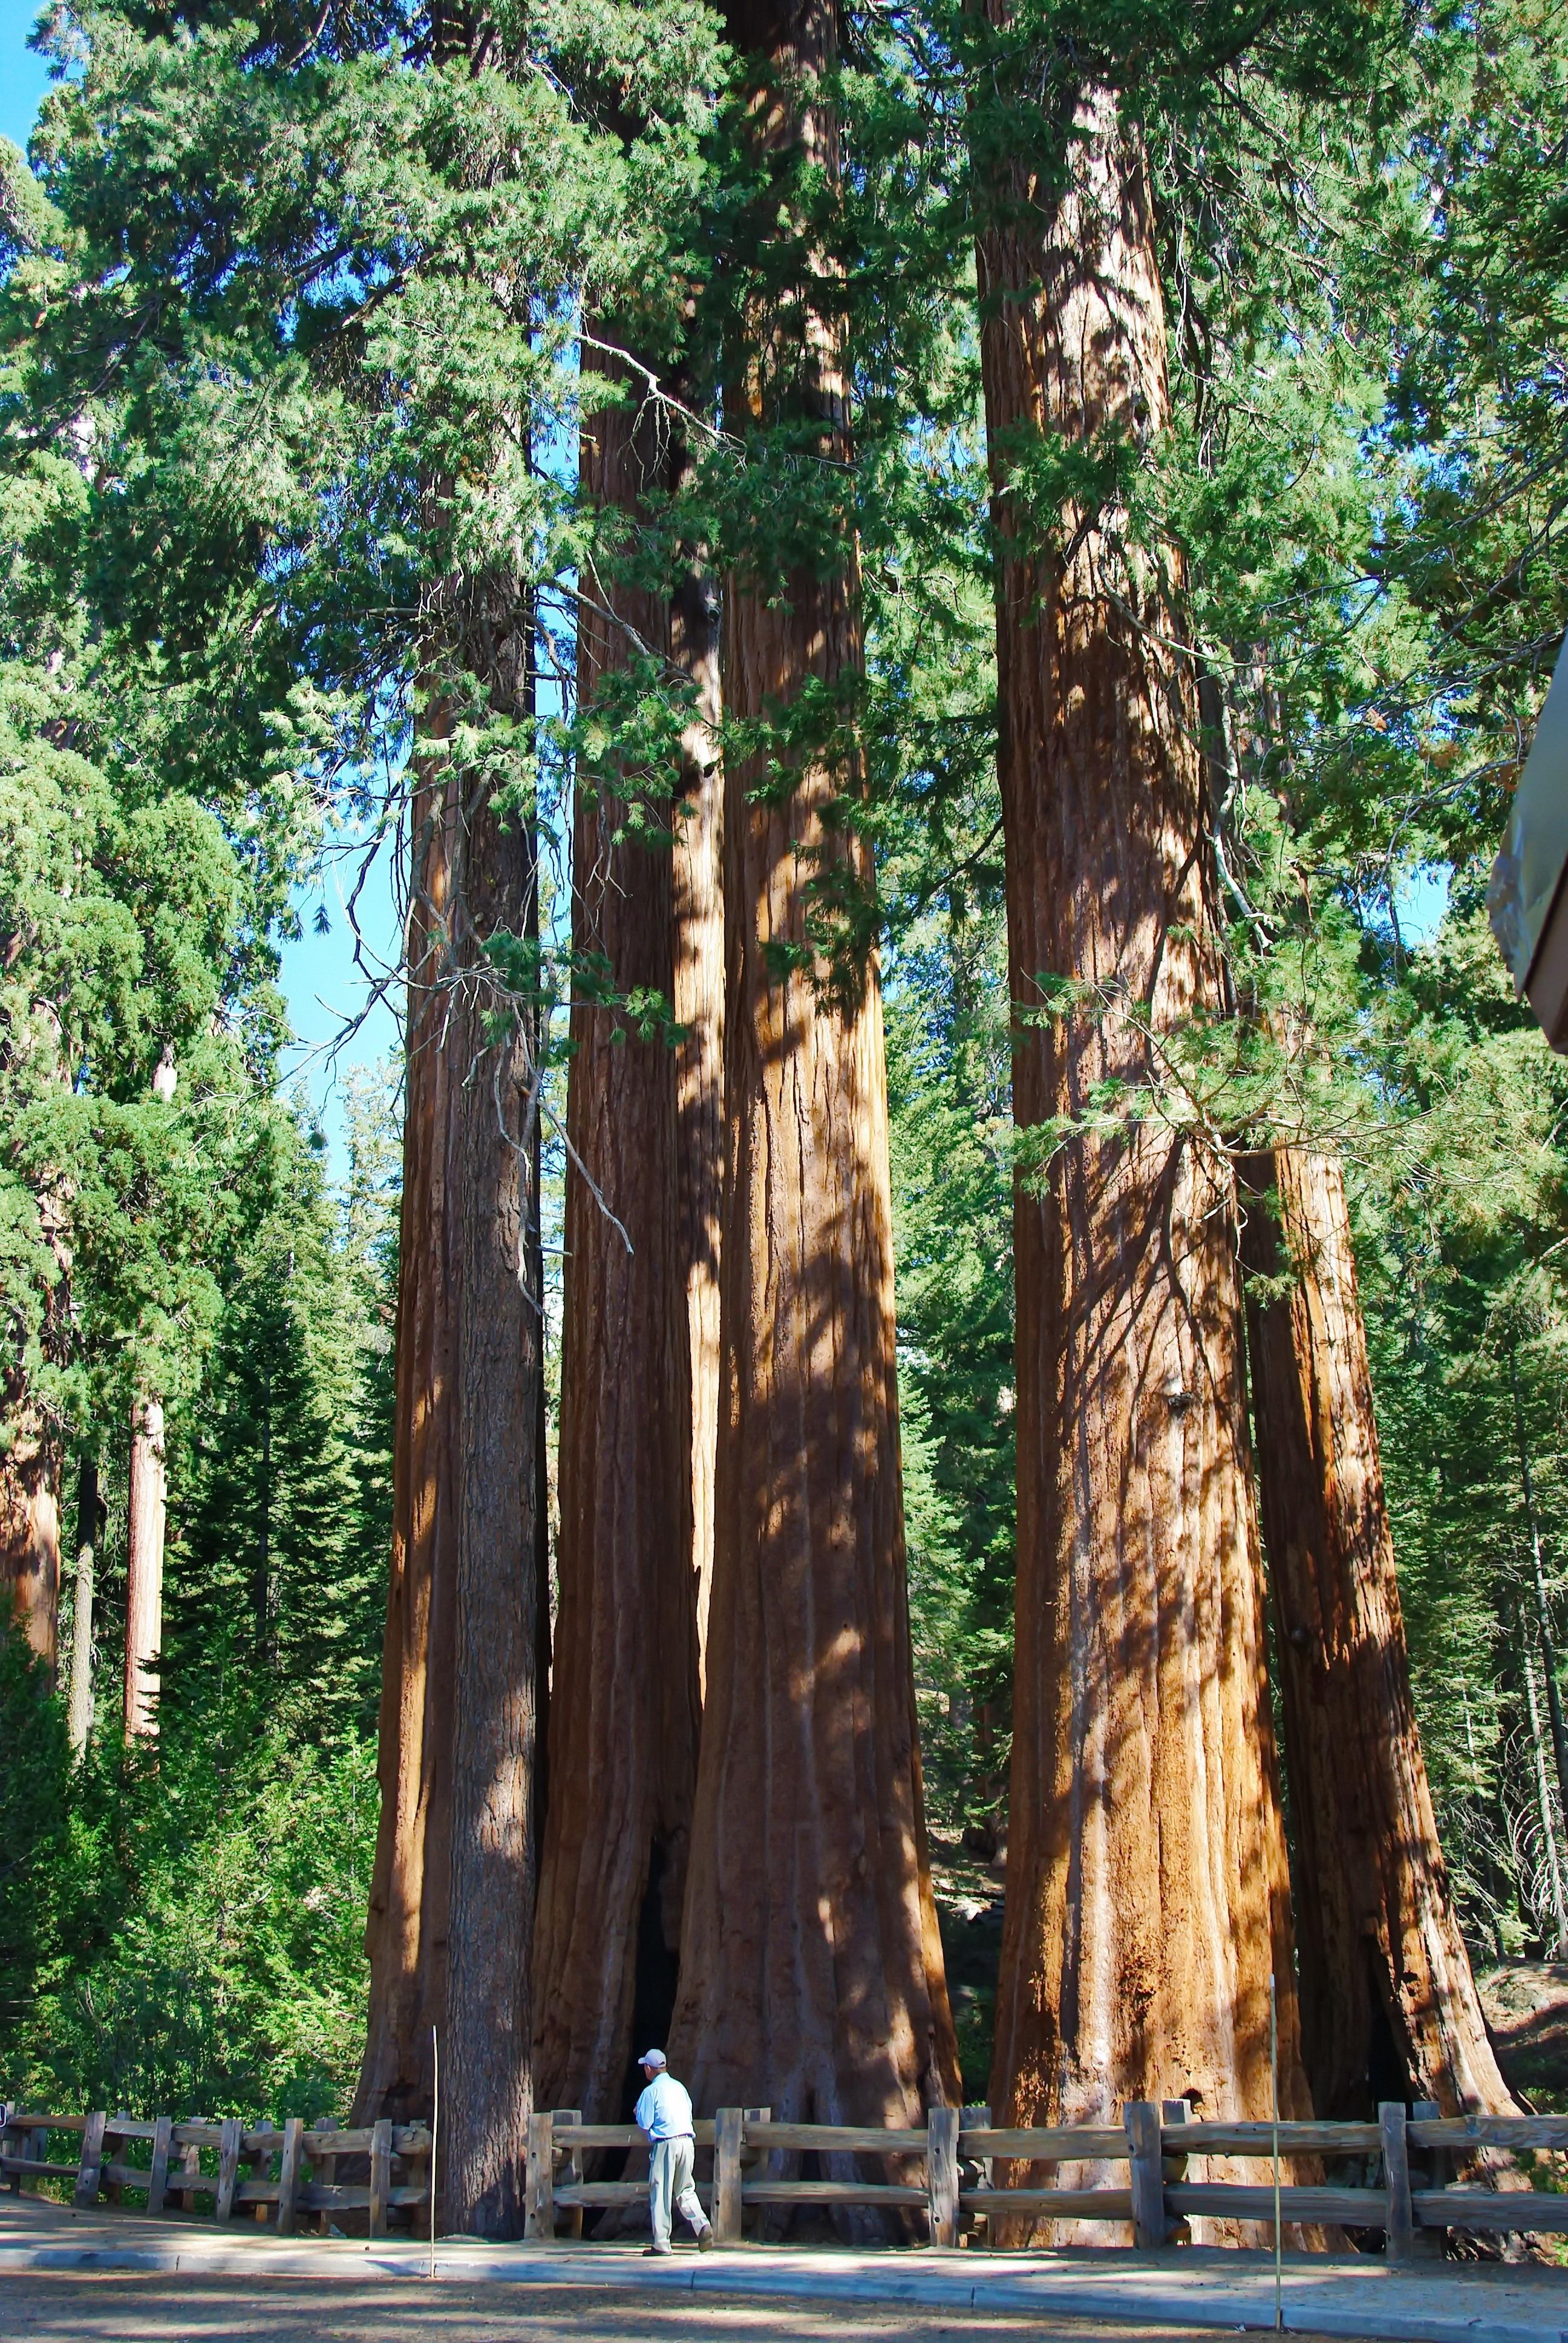 Gambar Pohon Hutan Menanam Bunga Bagasi Rimba Amerika